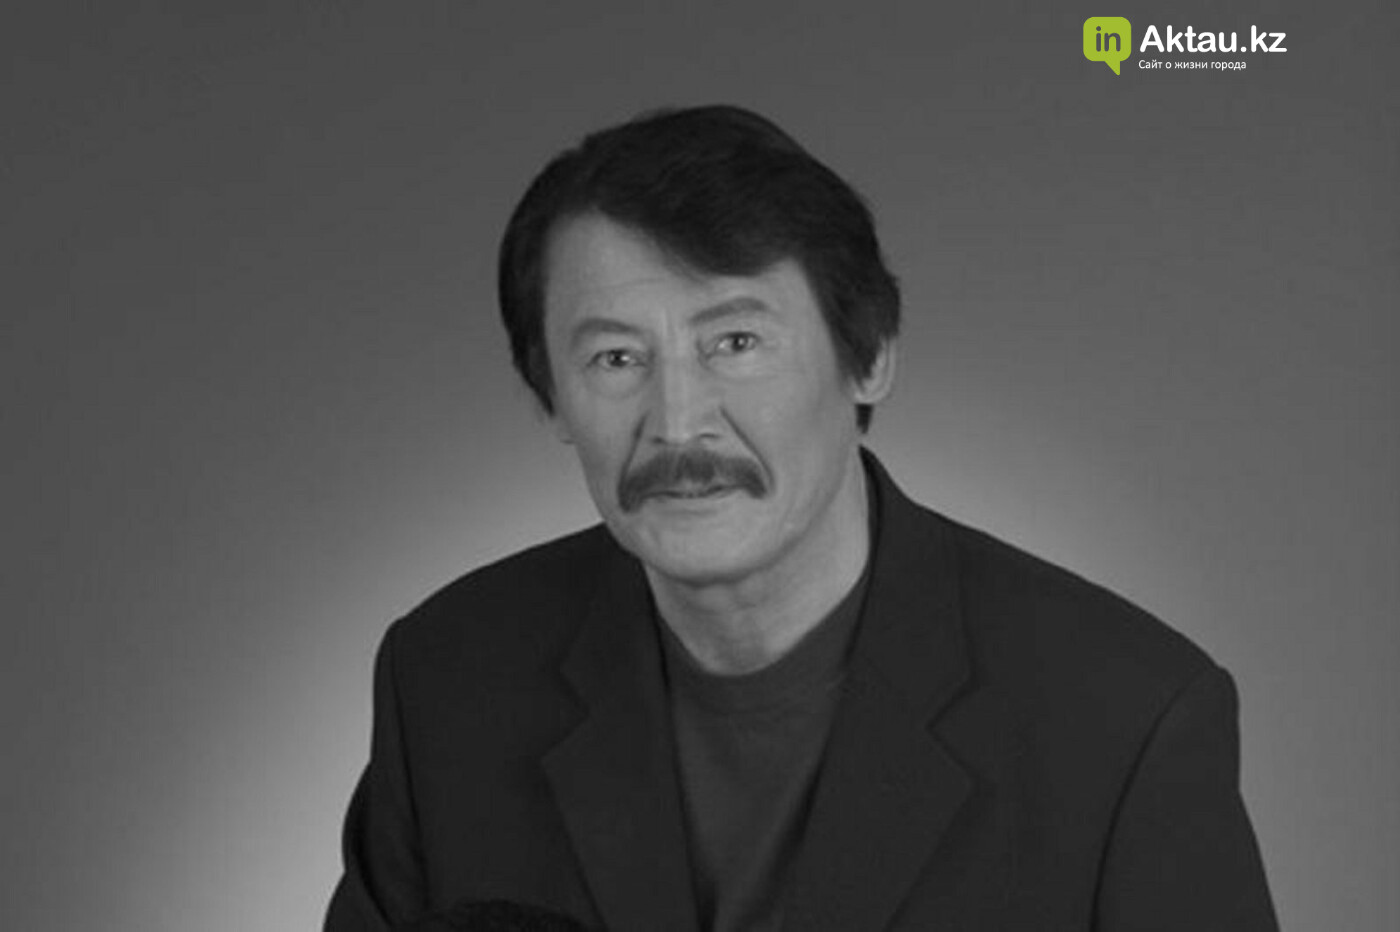 Казахстанский актер Куман Тастанбеков умер в Актау, фото-1